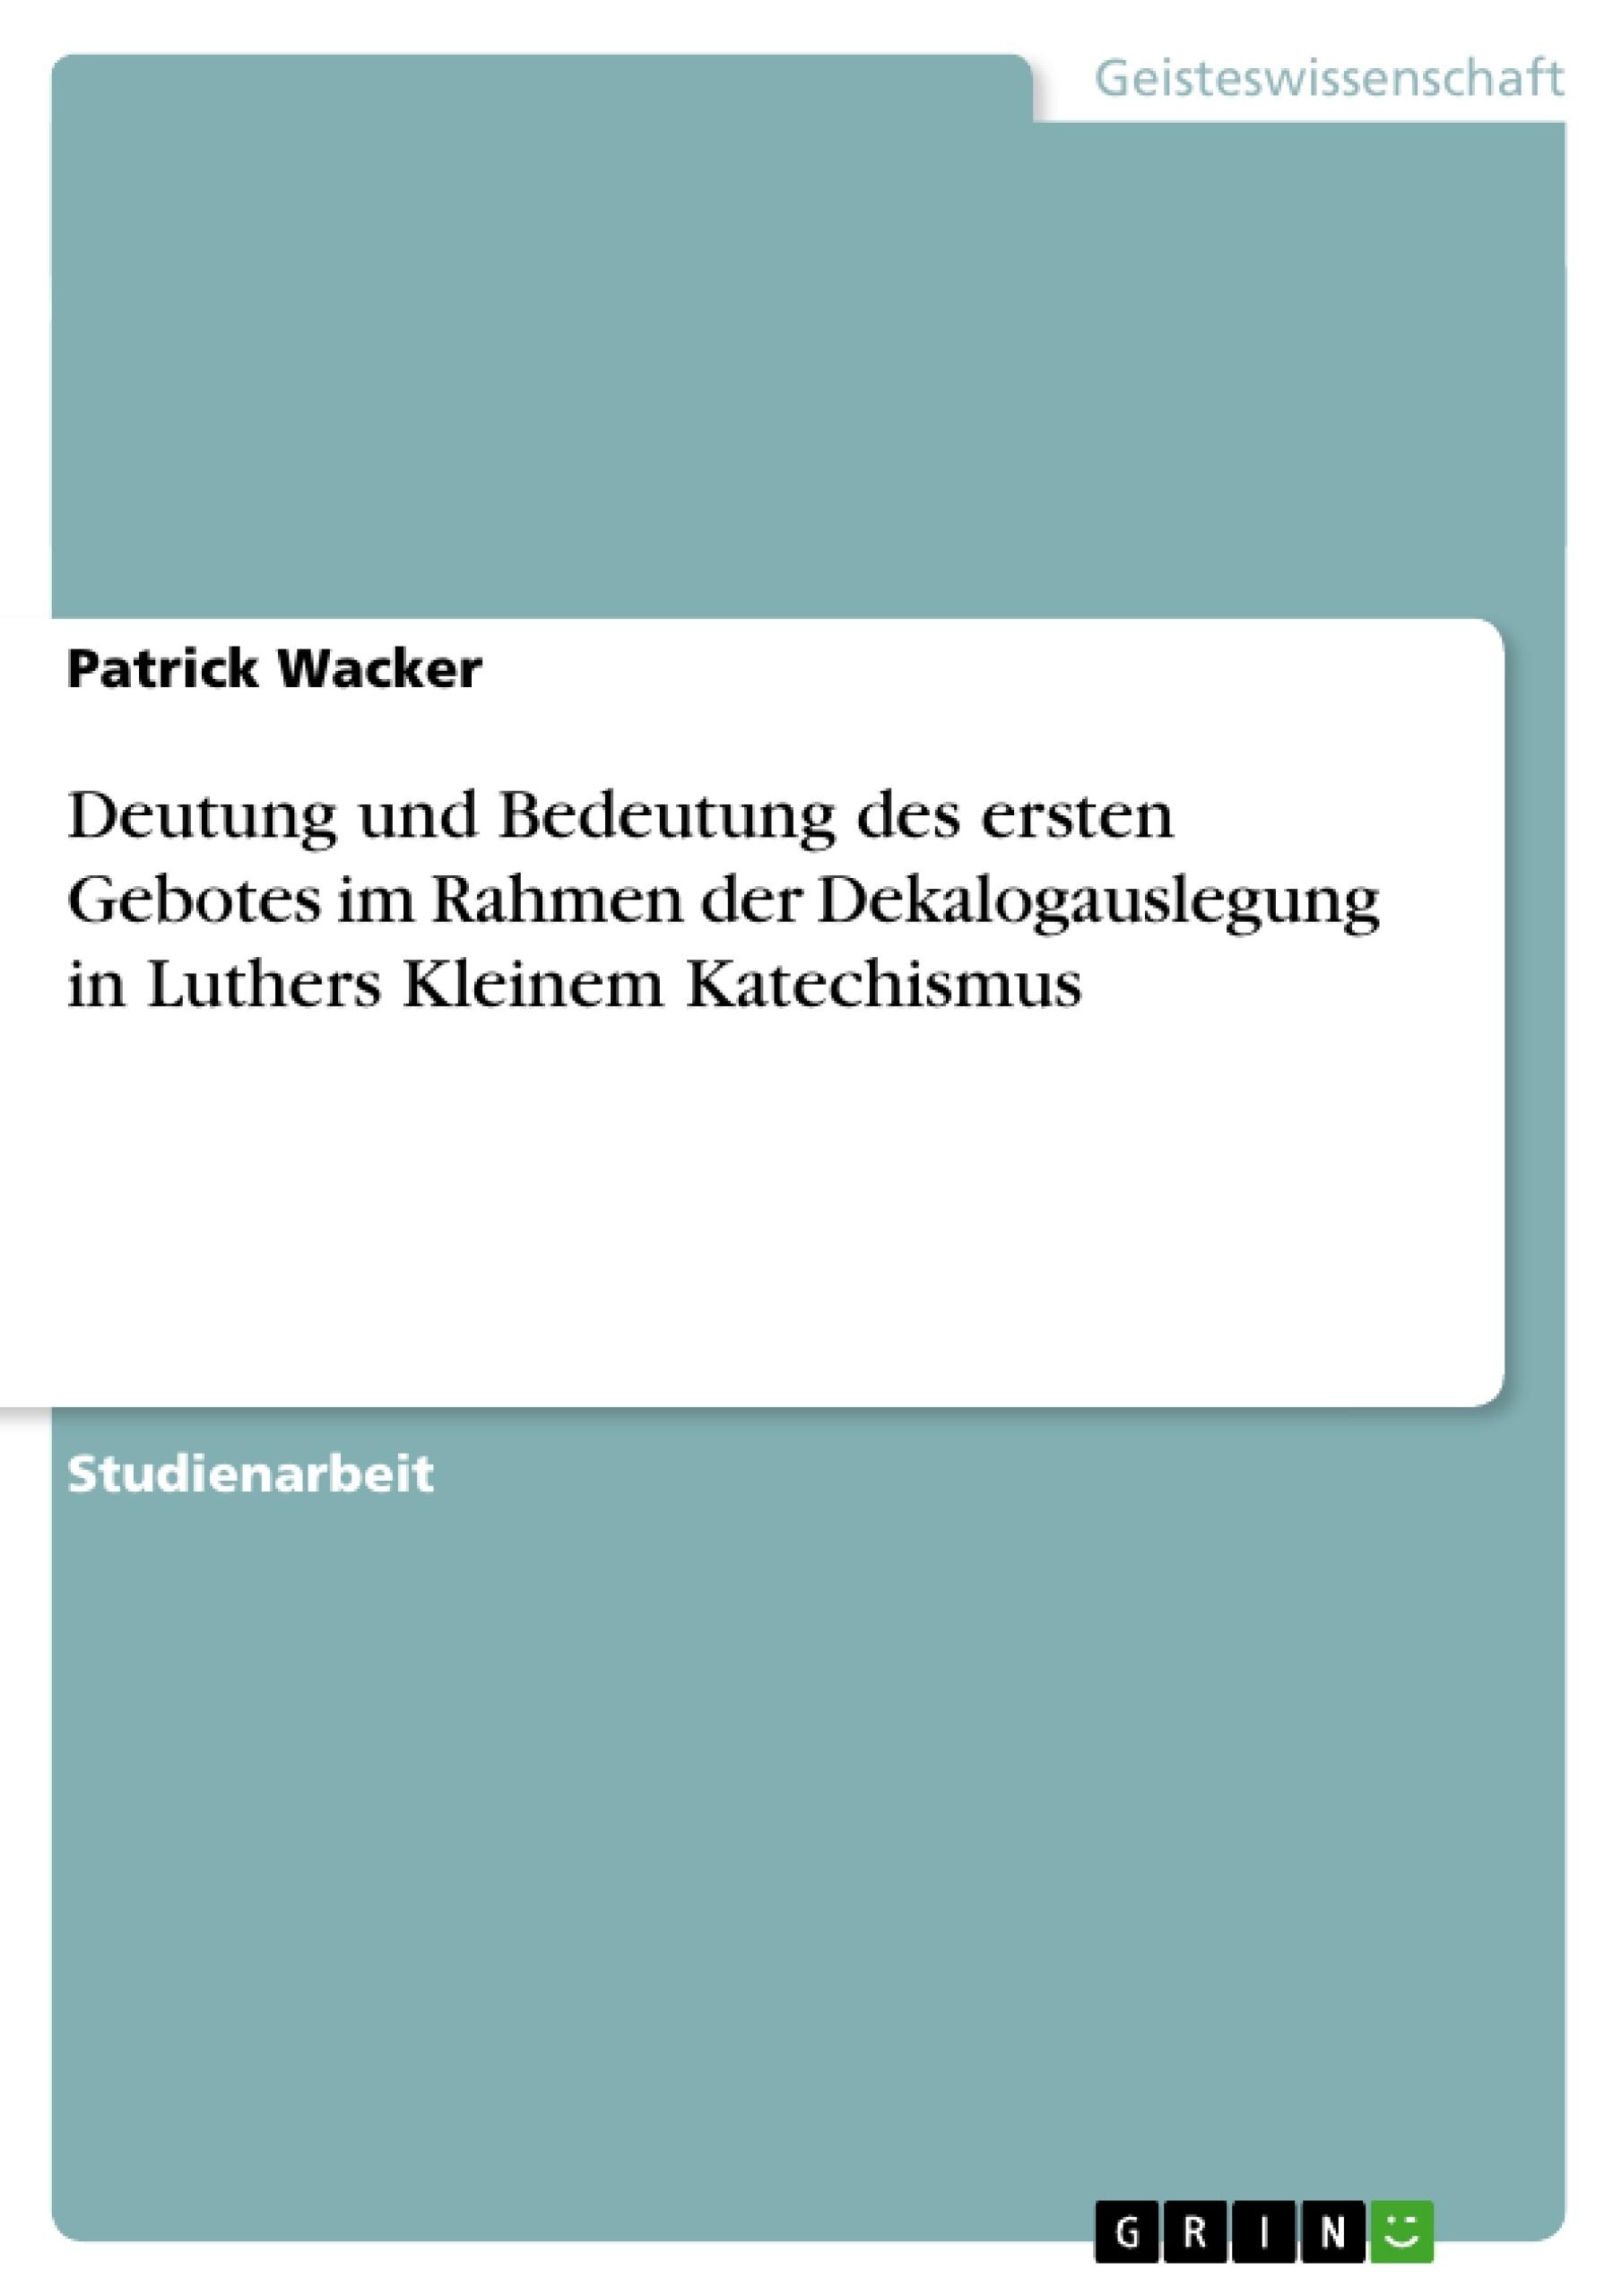 Titel: Deutung und Bedeutung des ersten Gebotes im Rahmen der Dekalogauslegung in Luthers Kleinem Katechismus